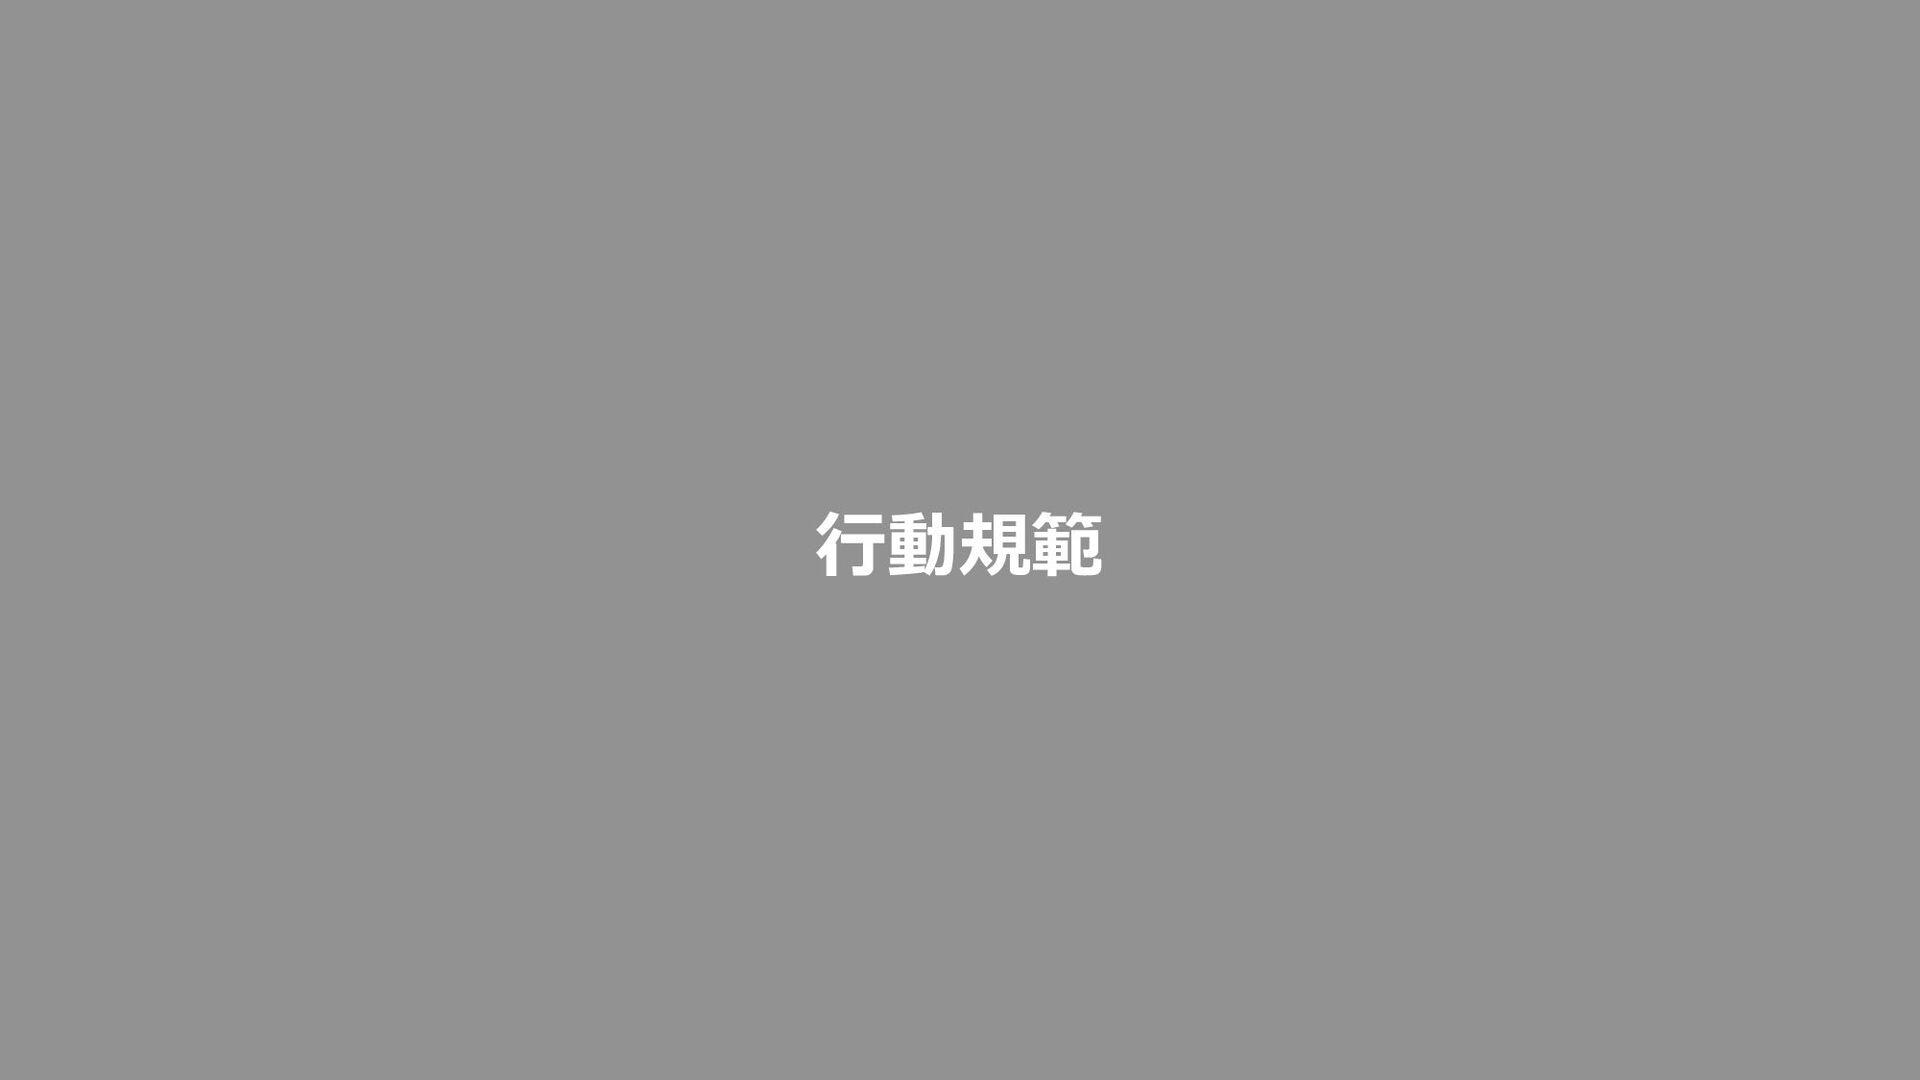 セールス賞 企画賞 新人賞 リーダーシップ賞 顧客ロイヤルティ賞 サポート賞 様々な役割で活躍...